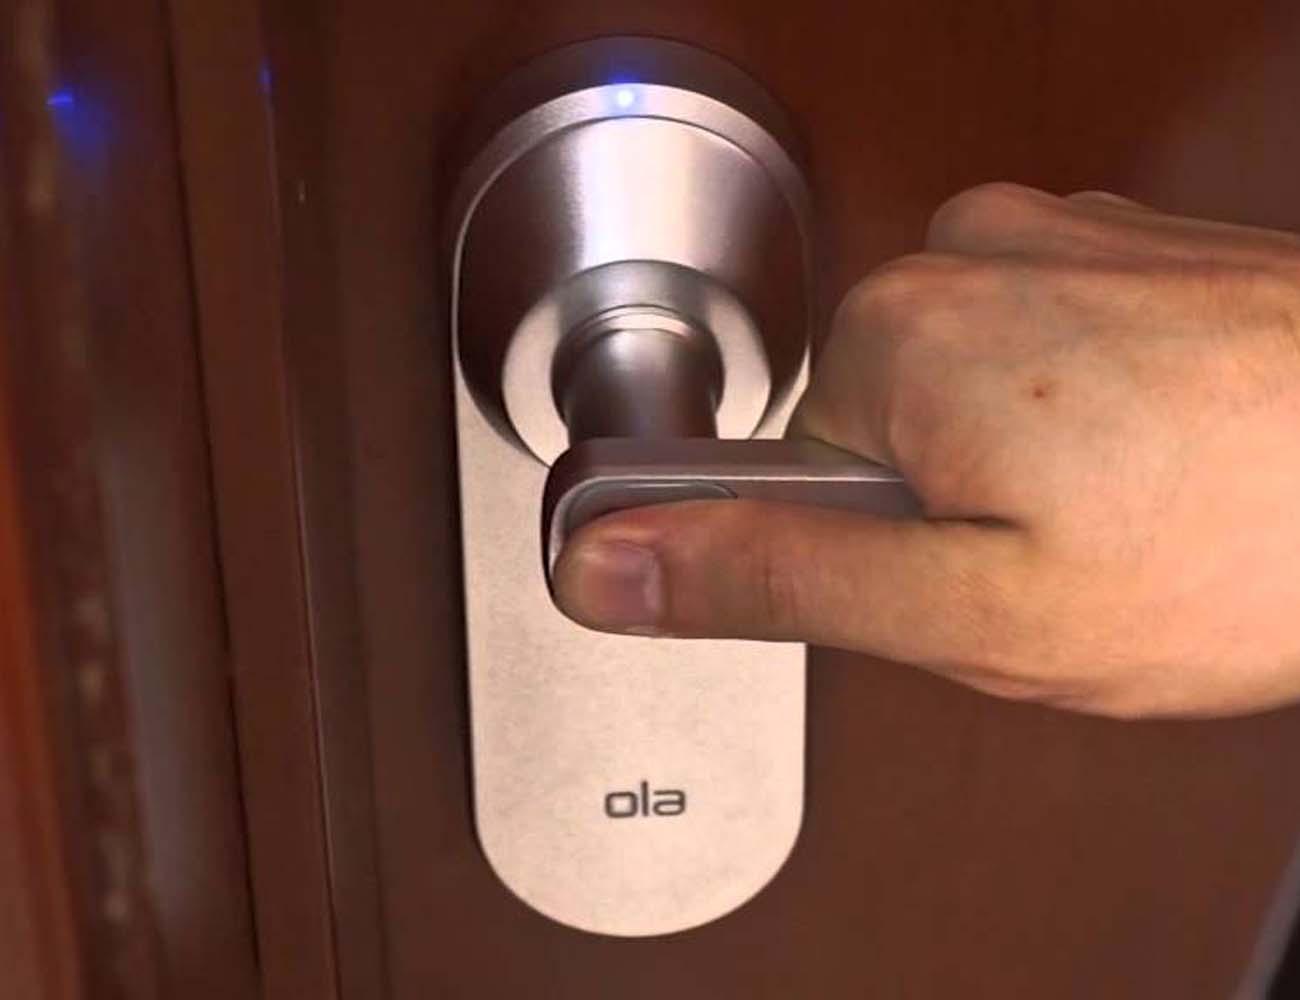 Ola Fingerprint Smart Lock u2013 Open The Door To The Future & Ola Fingerprint Smart Lock - Open The Door To The Future » Gadget Flow